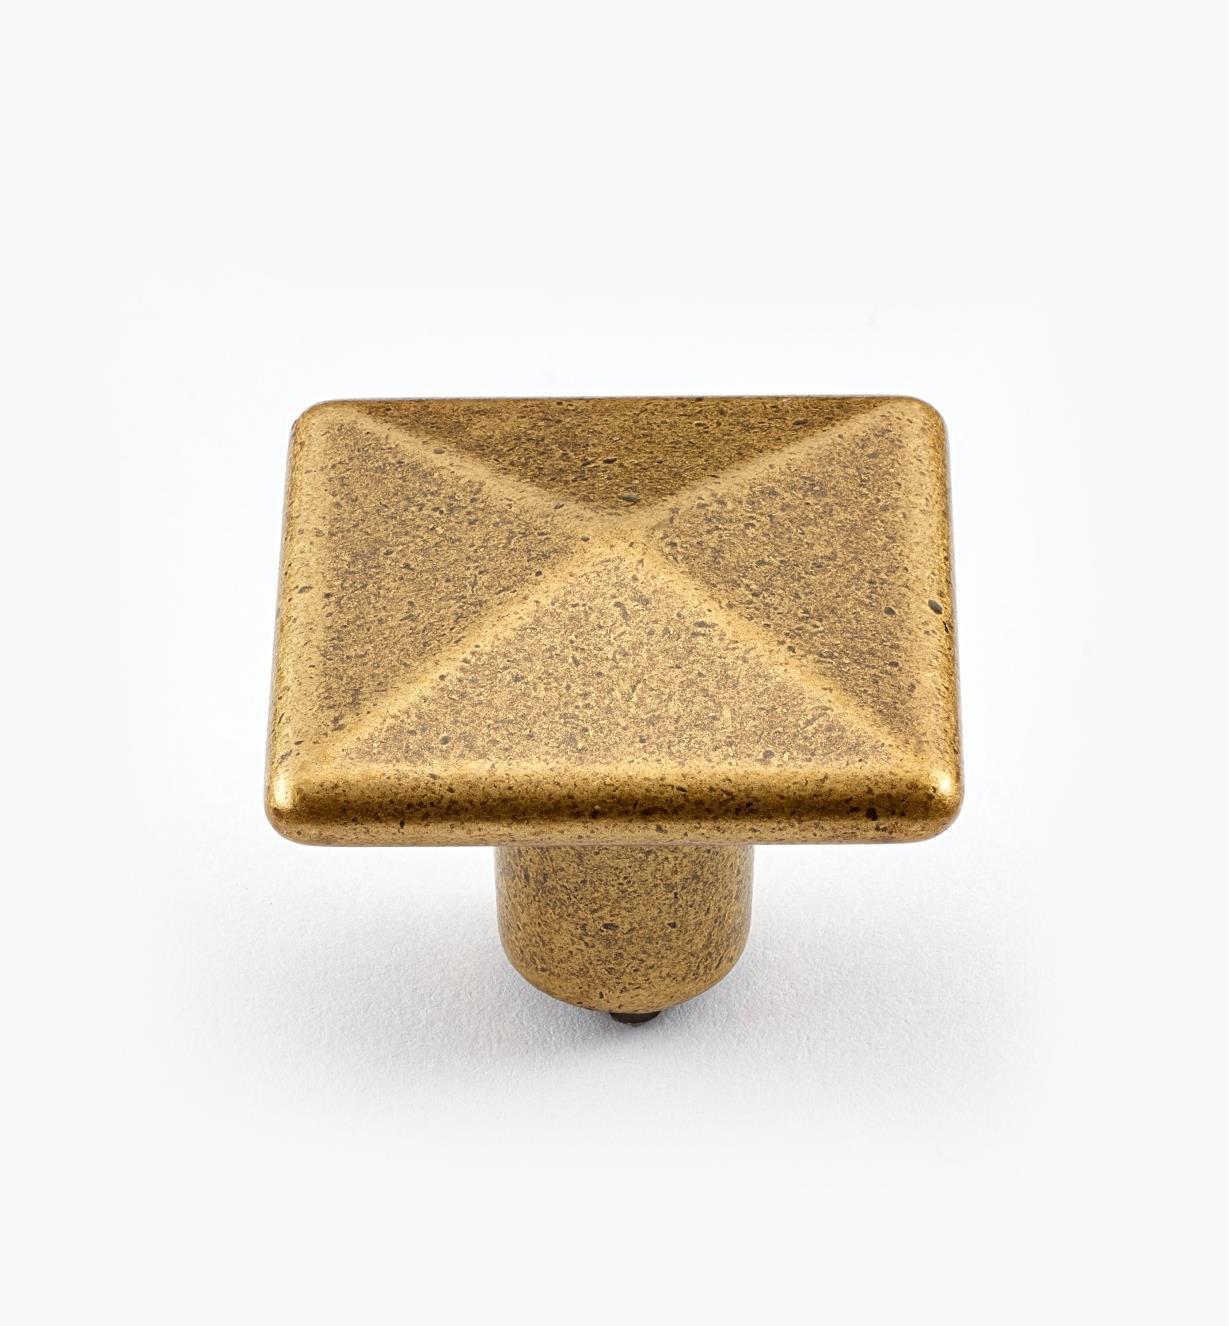 01X3126 - 26mm Square Knob